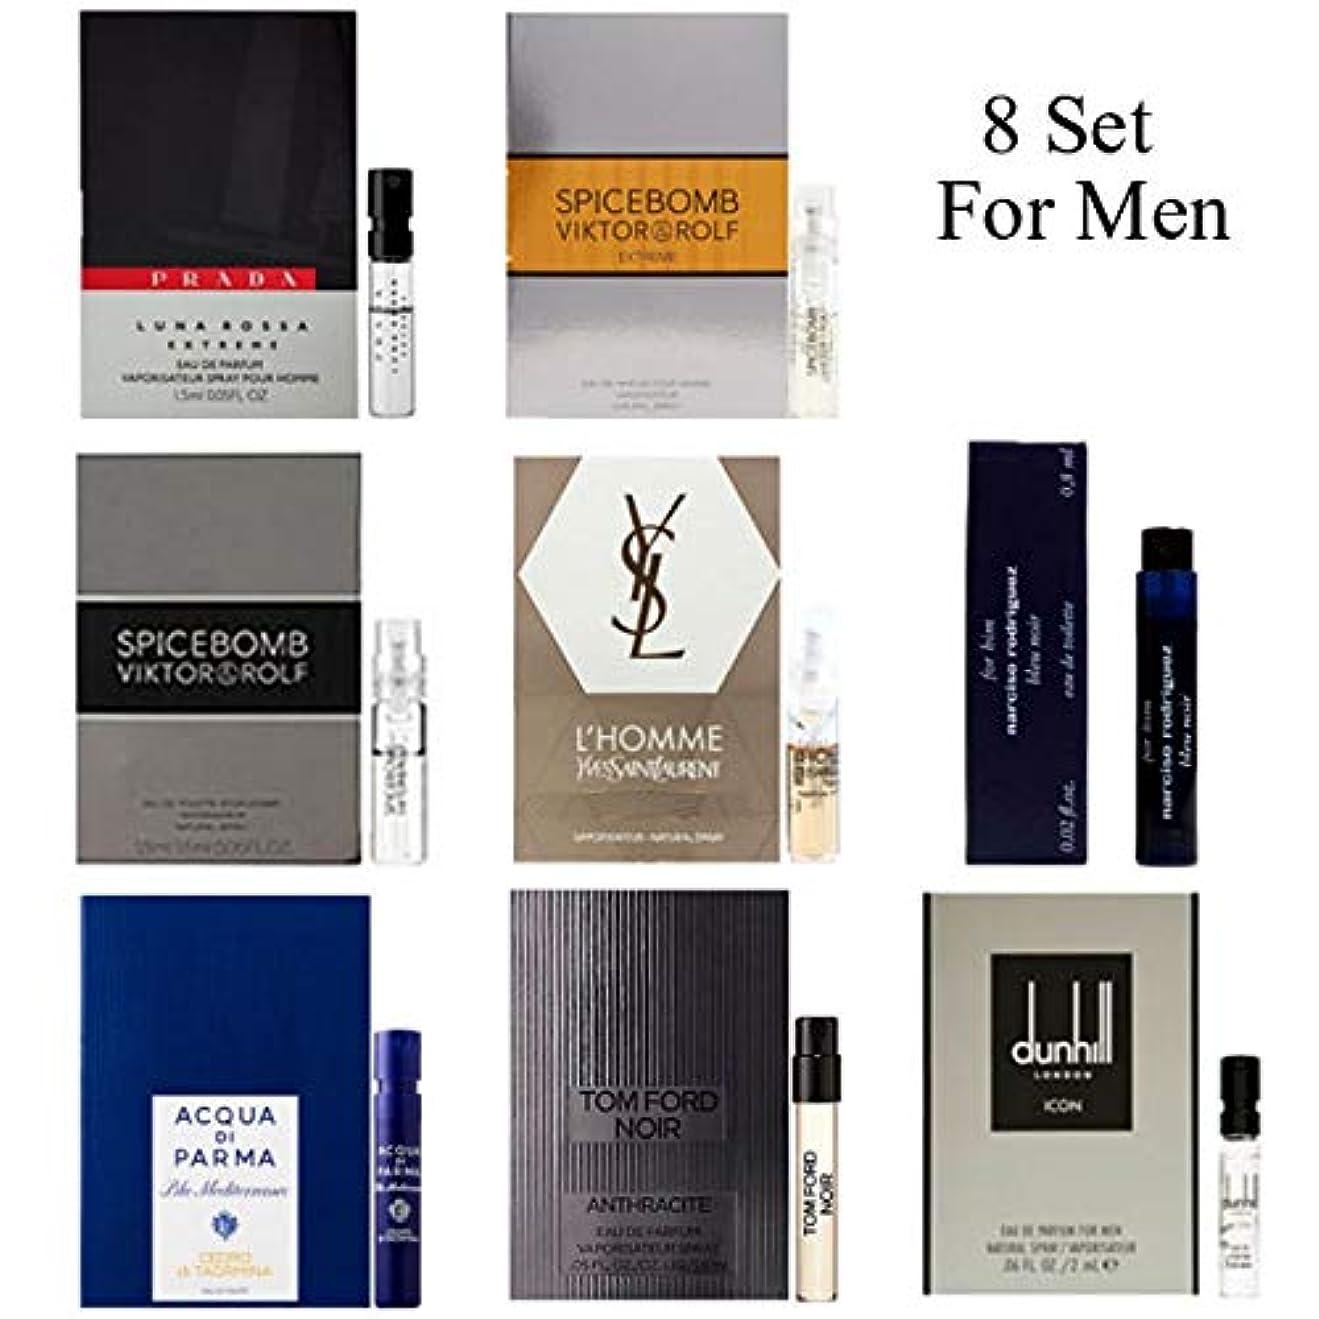 お祝いバーマドケーブル男性用 Eau de Parfum (Eau de Toilette) For Men Samples 8/set [海外直送品] [並行輸入品]v